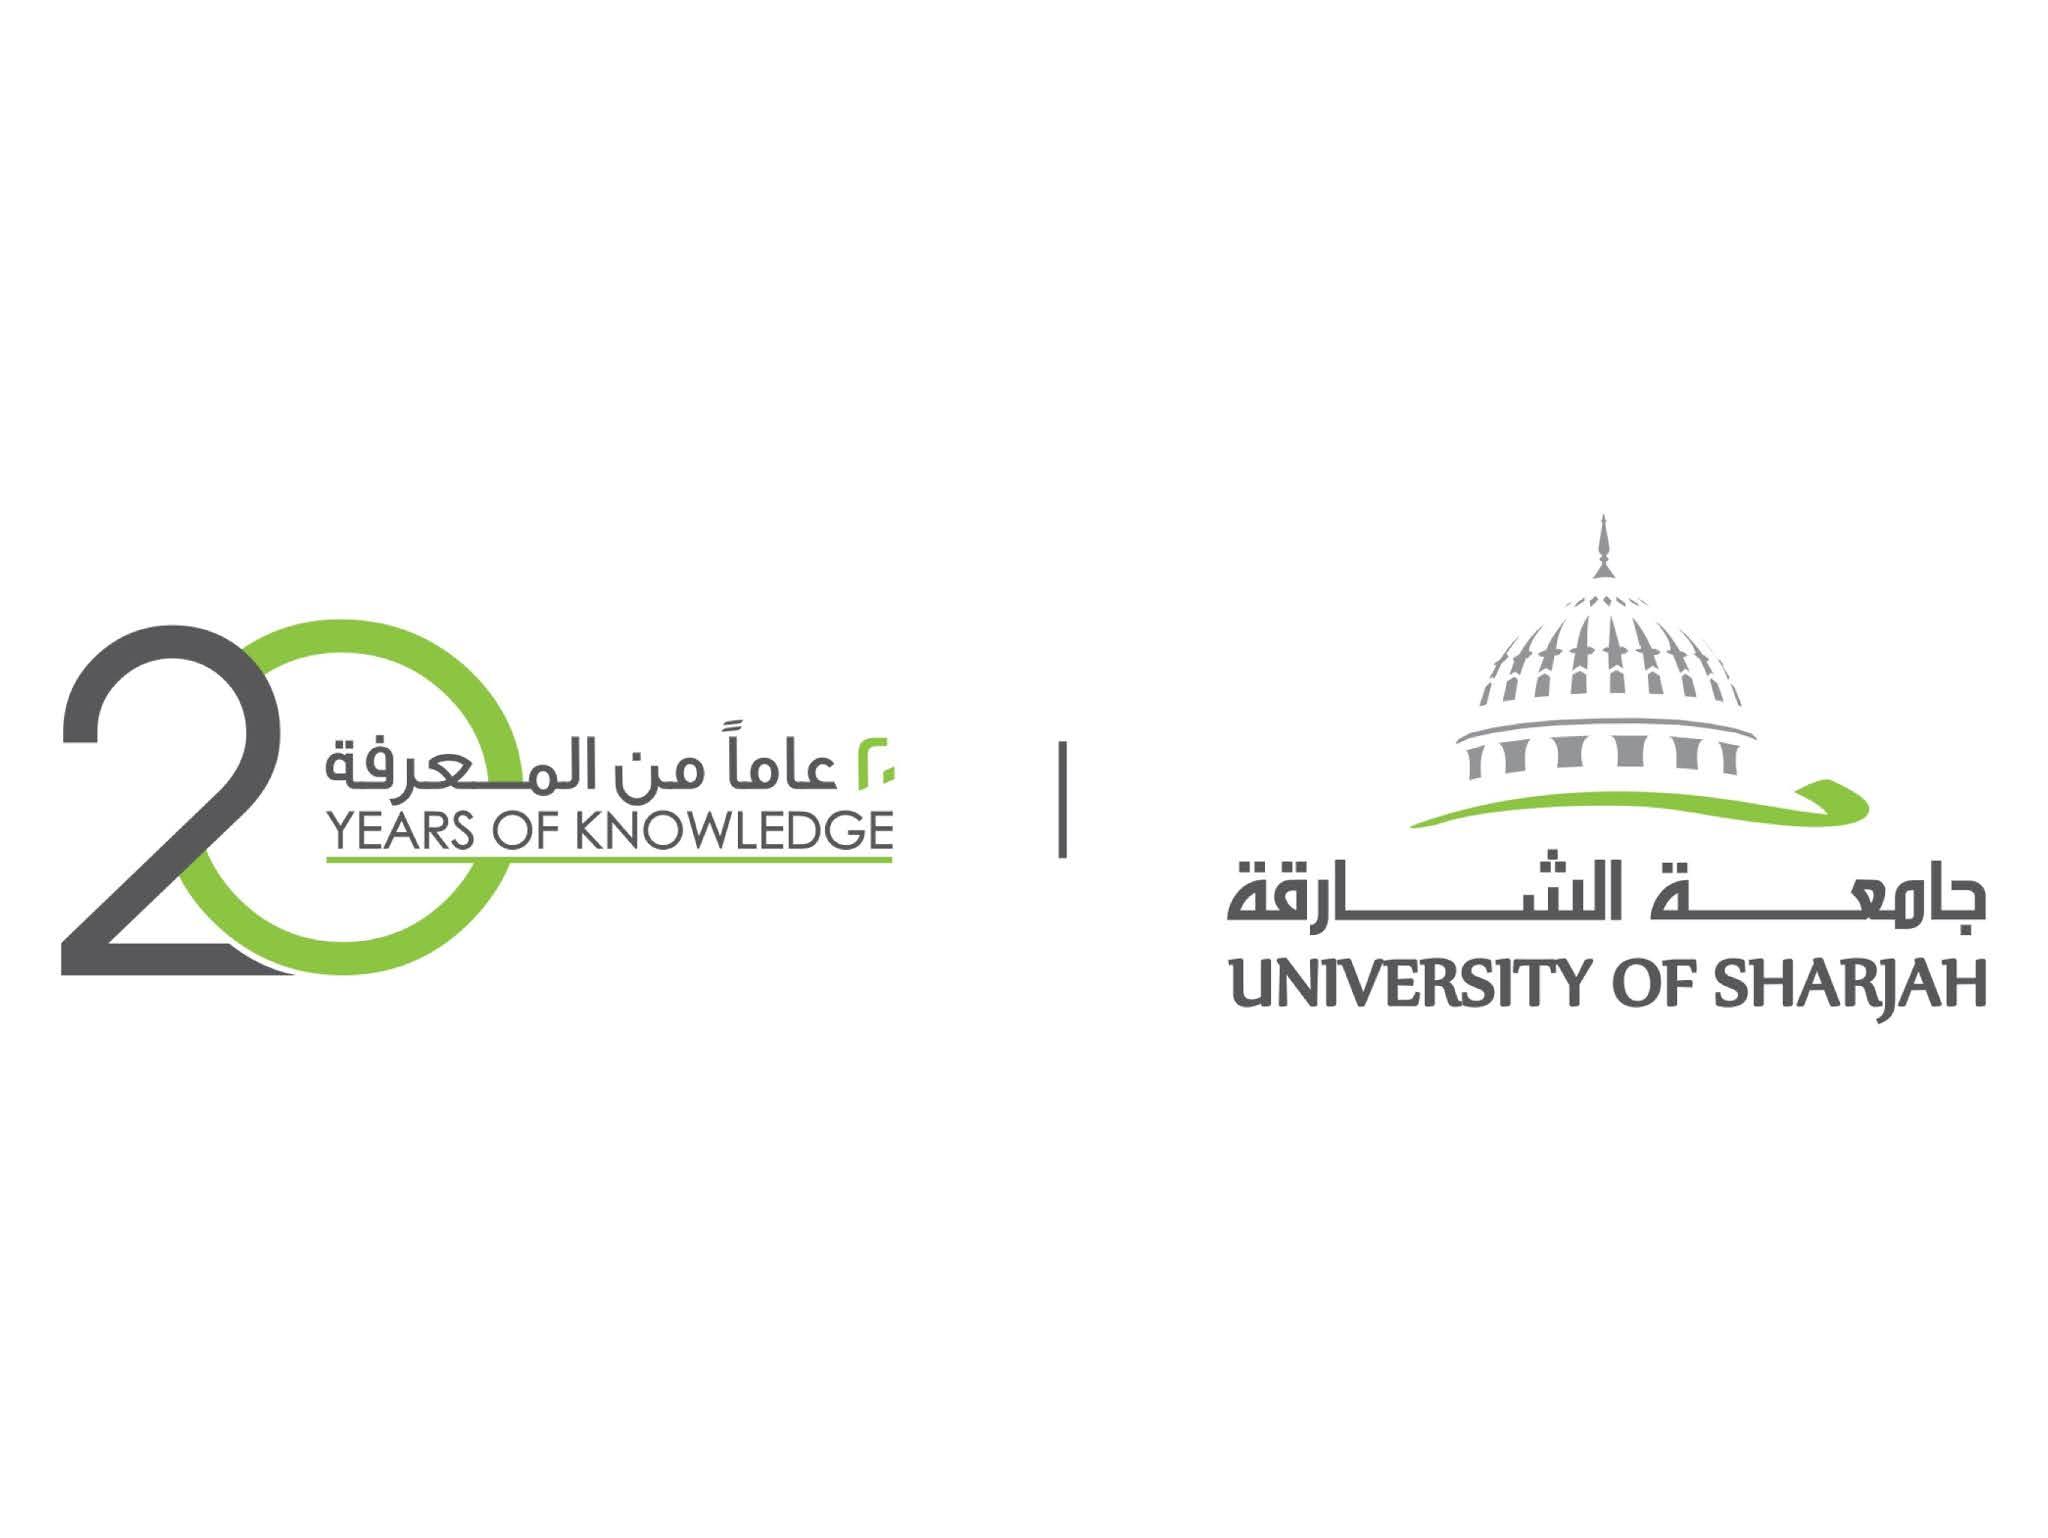 www-sharjah-ac-ae-ar-Pages-default-aspx,www-sharjah-ac-ae-ar-Admissions,spu-sharjah-ac-ae, HR-Sharjah-Universities-HR-University-of-Sharjah-جامعة الشارقة - وظائف جامعة - وظائف الشارقة - جامعة الشارقة وظائف - الشارقة جامعة وظائف -